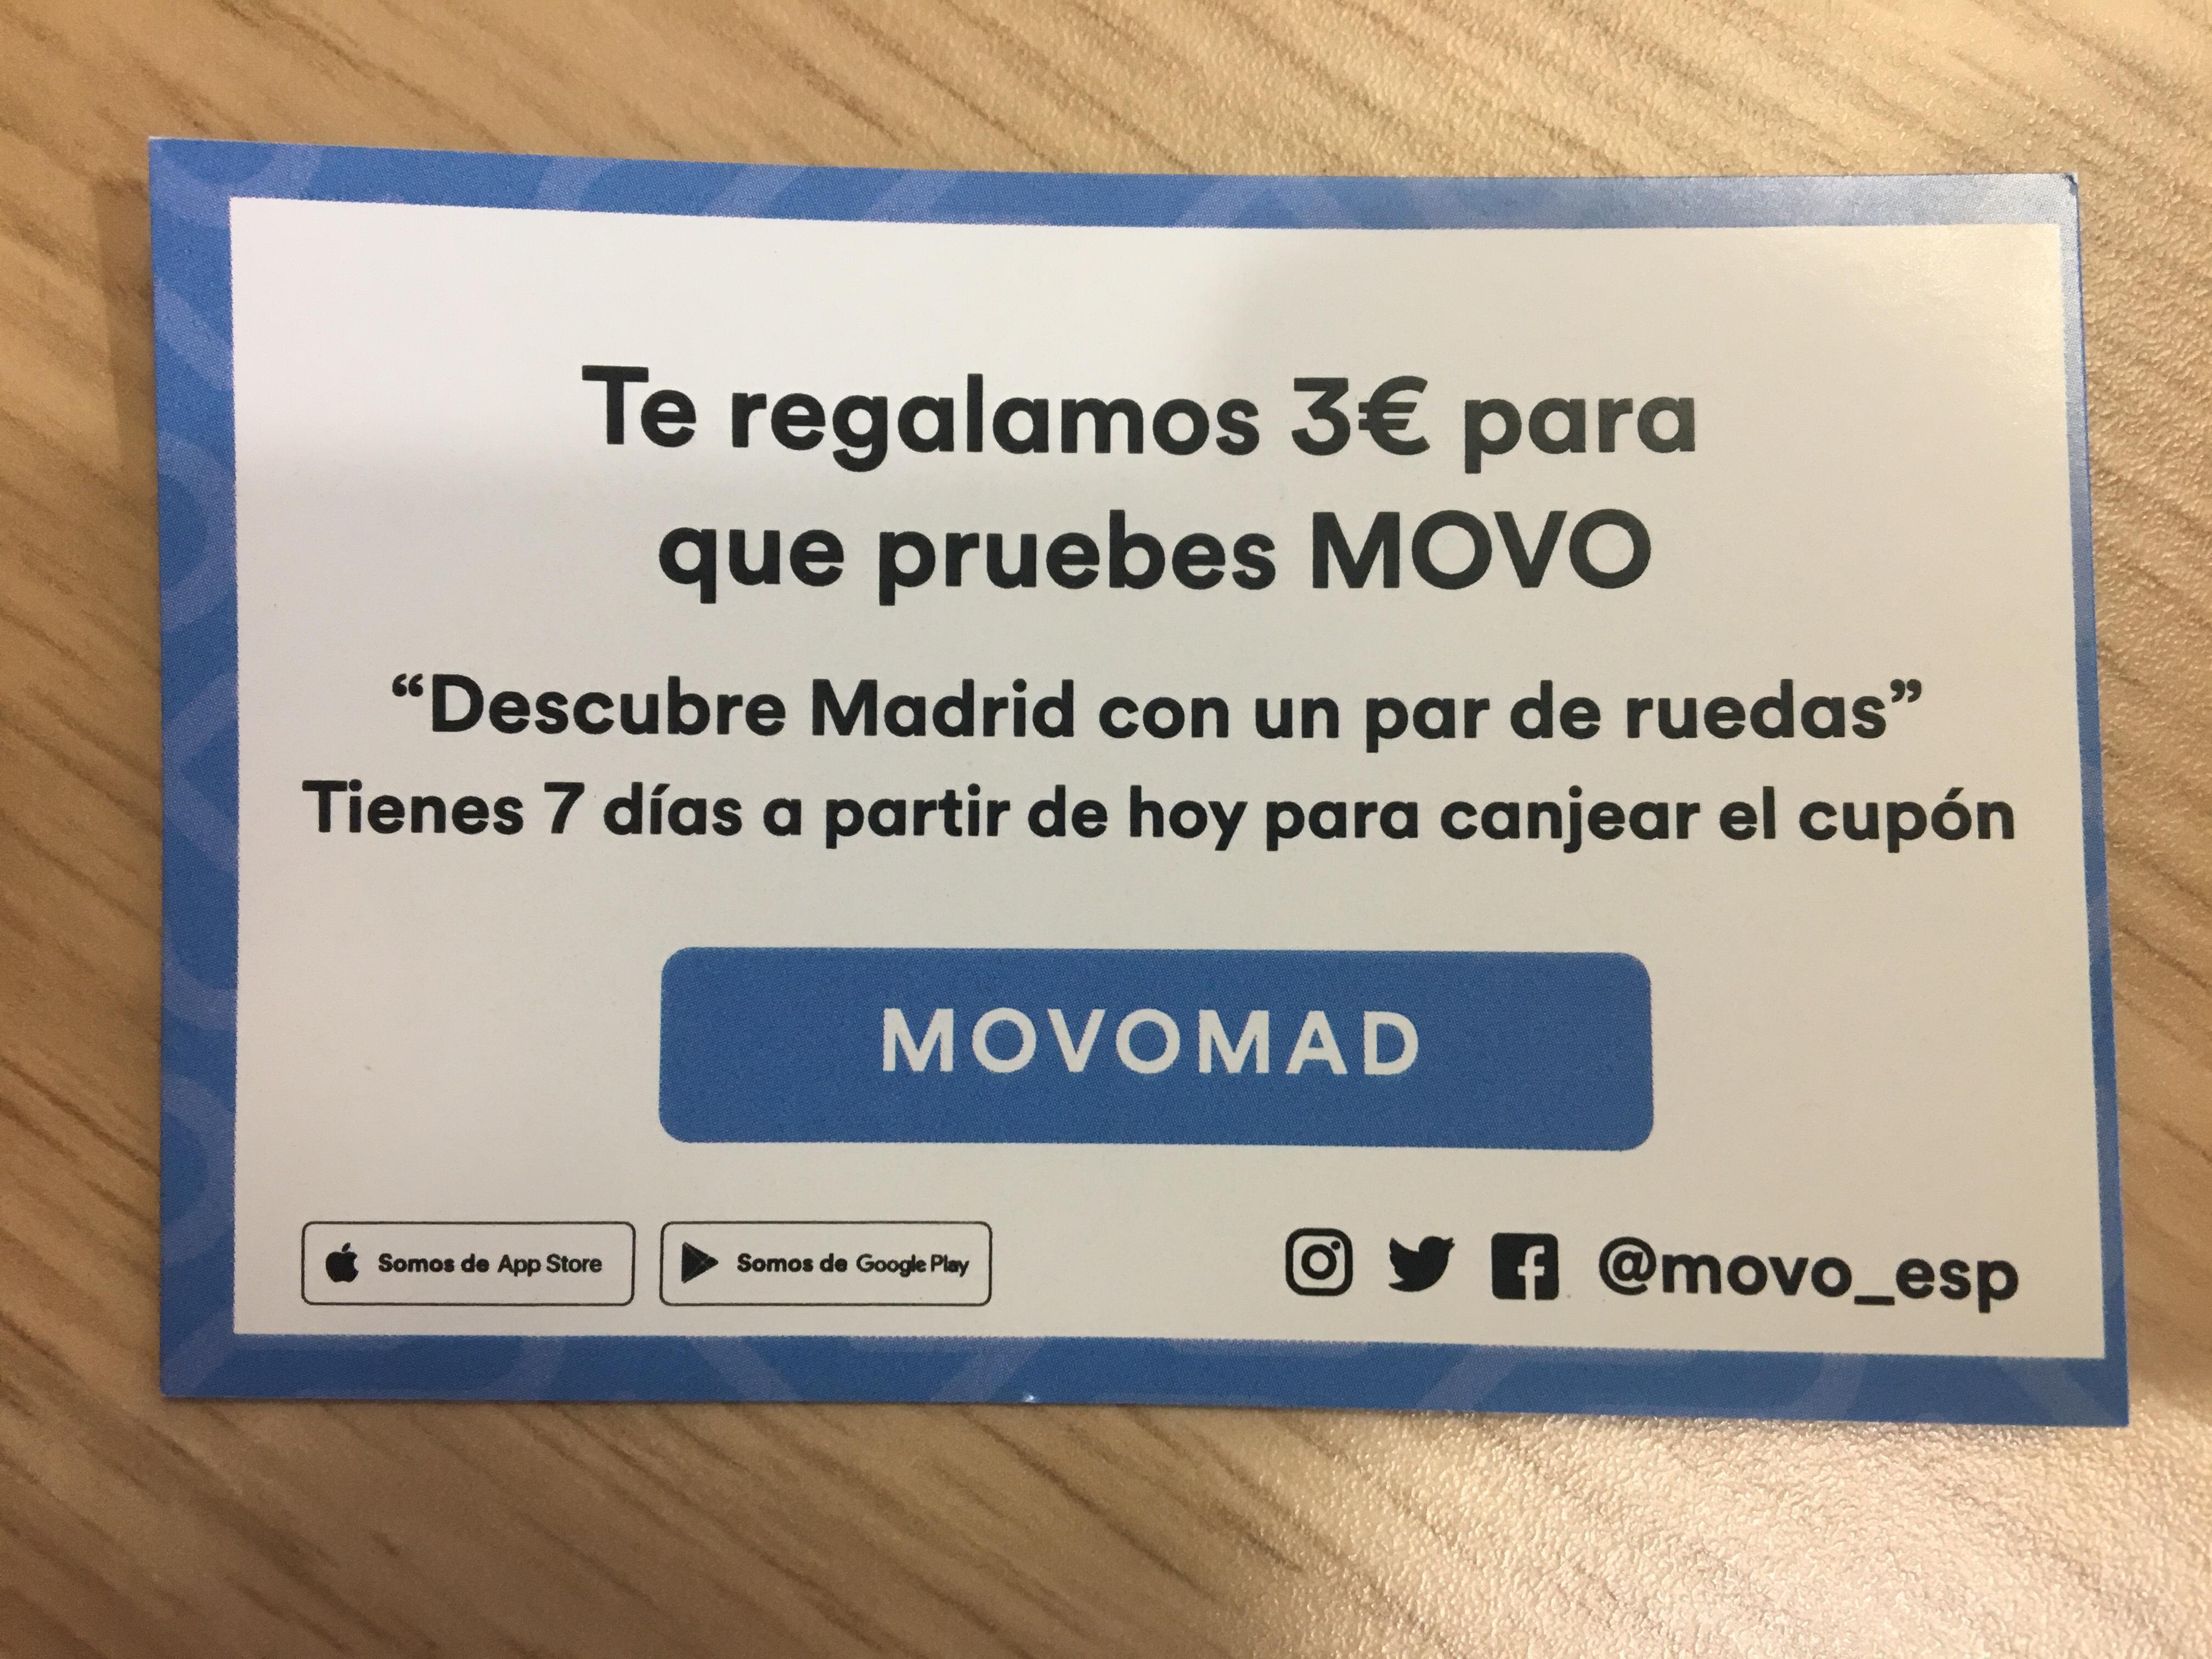 3€ gratis en motos eléctricas MOVO (sólo para nuevos usuarios)